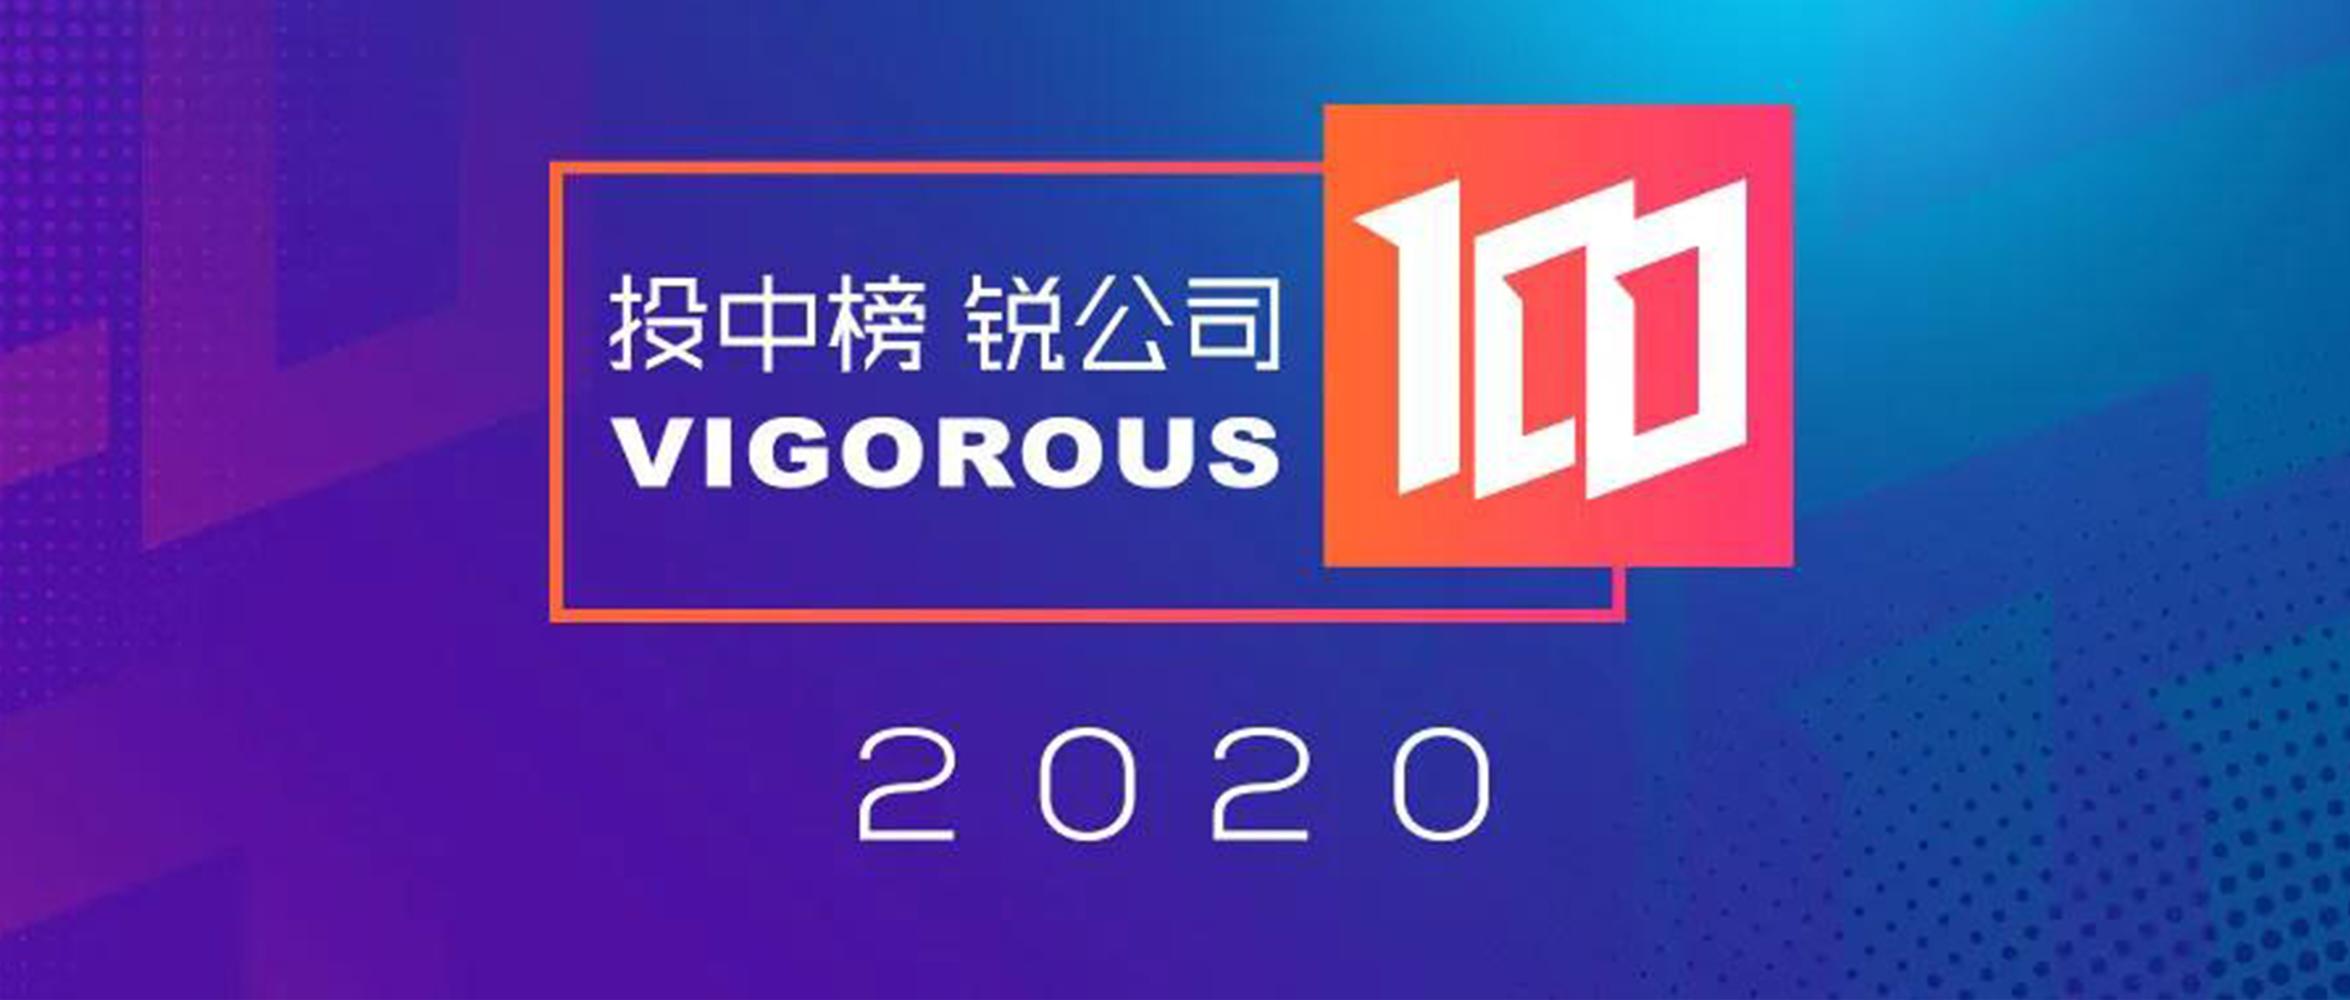 贝康医疗强势登榜「2020投中榜·锐公司100榜单」